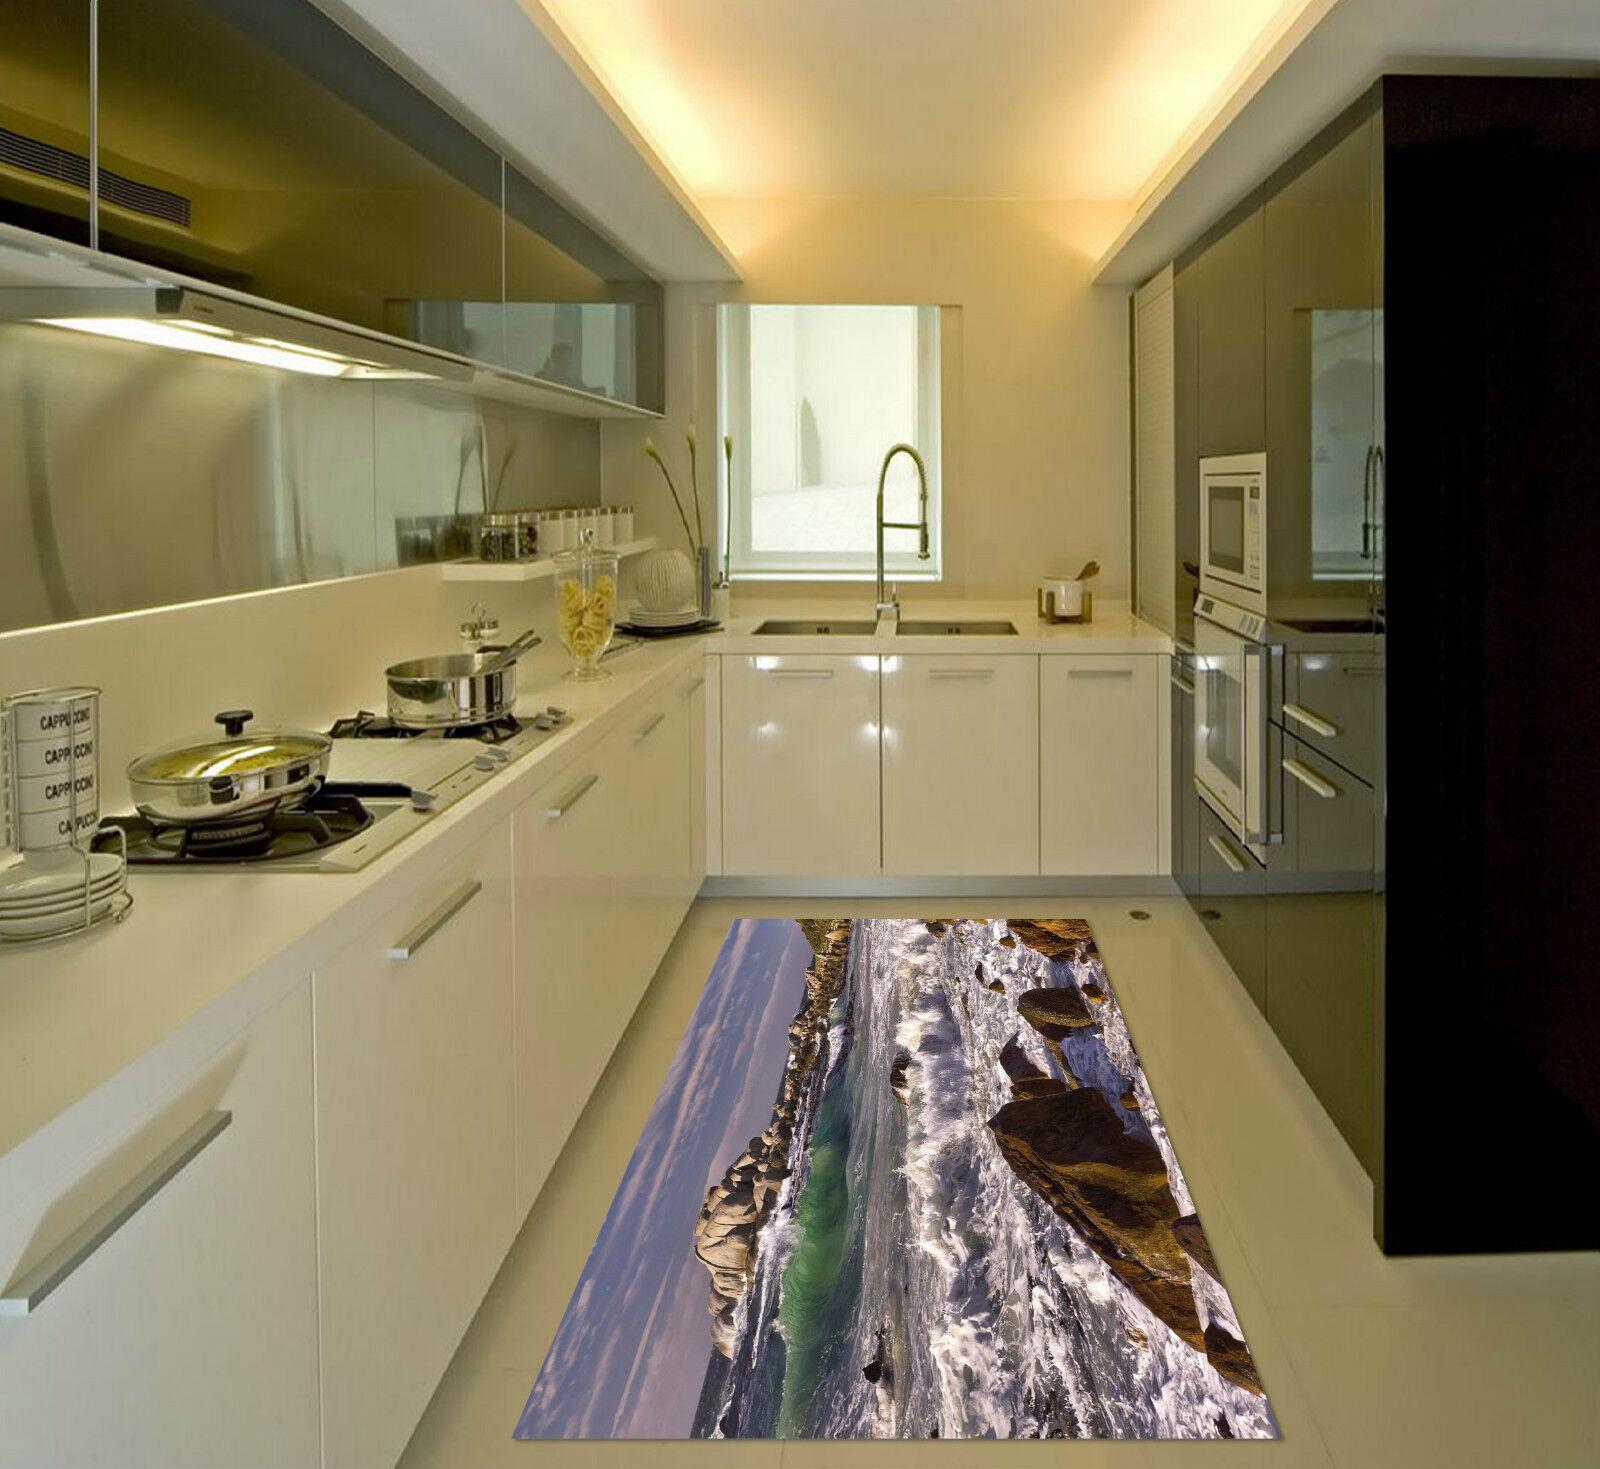 3D Stones Waves 3 Kitchen Mat Floor Murals Wall Print Wall Deco AJ WALLPAPER CA